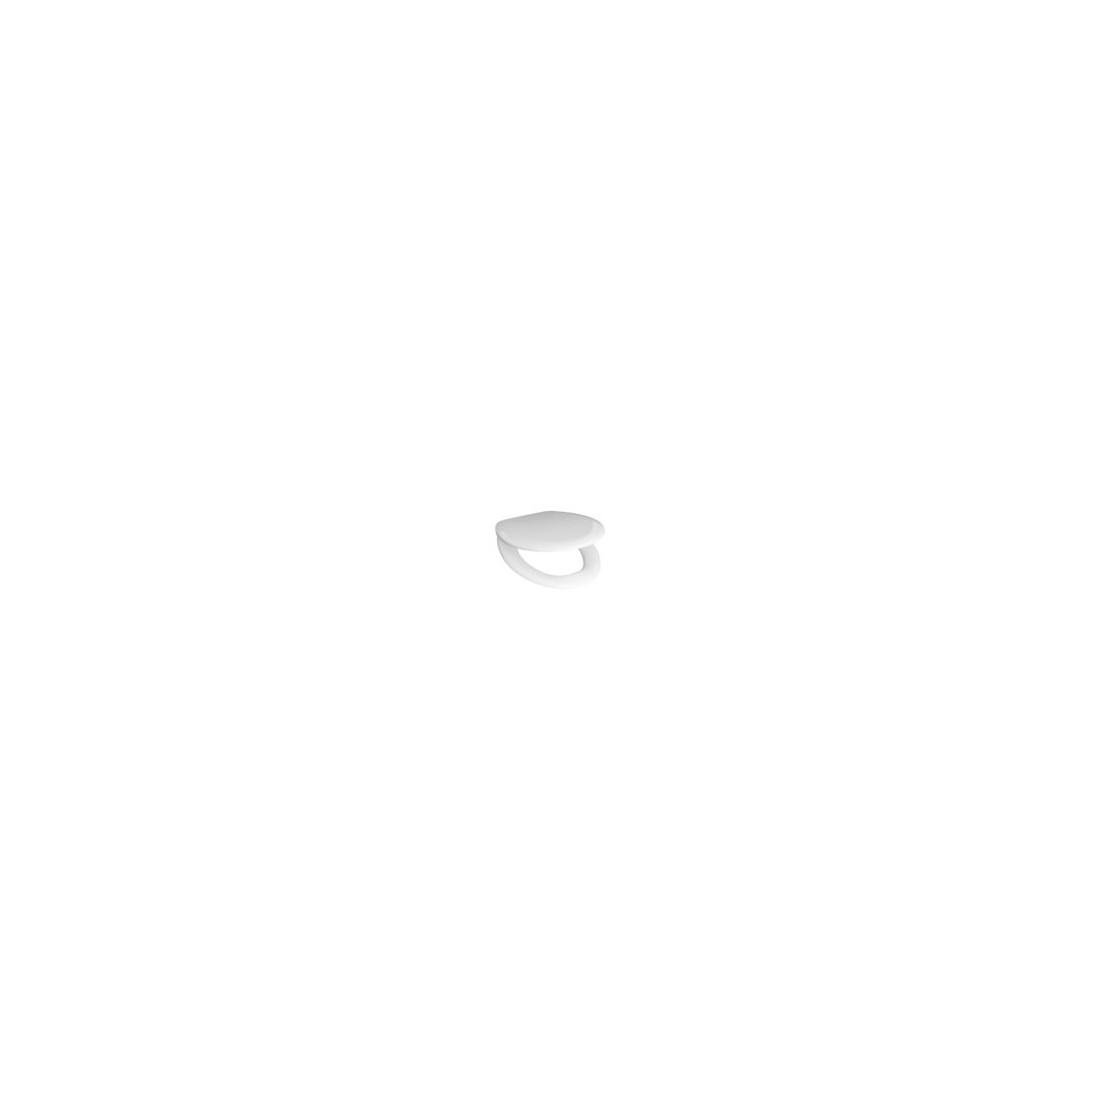 Sėdyne su dangčiu Zeta su soft close mech., kietas plastikas, plast. sąv., baltas